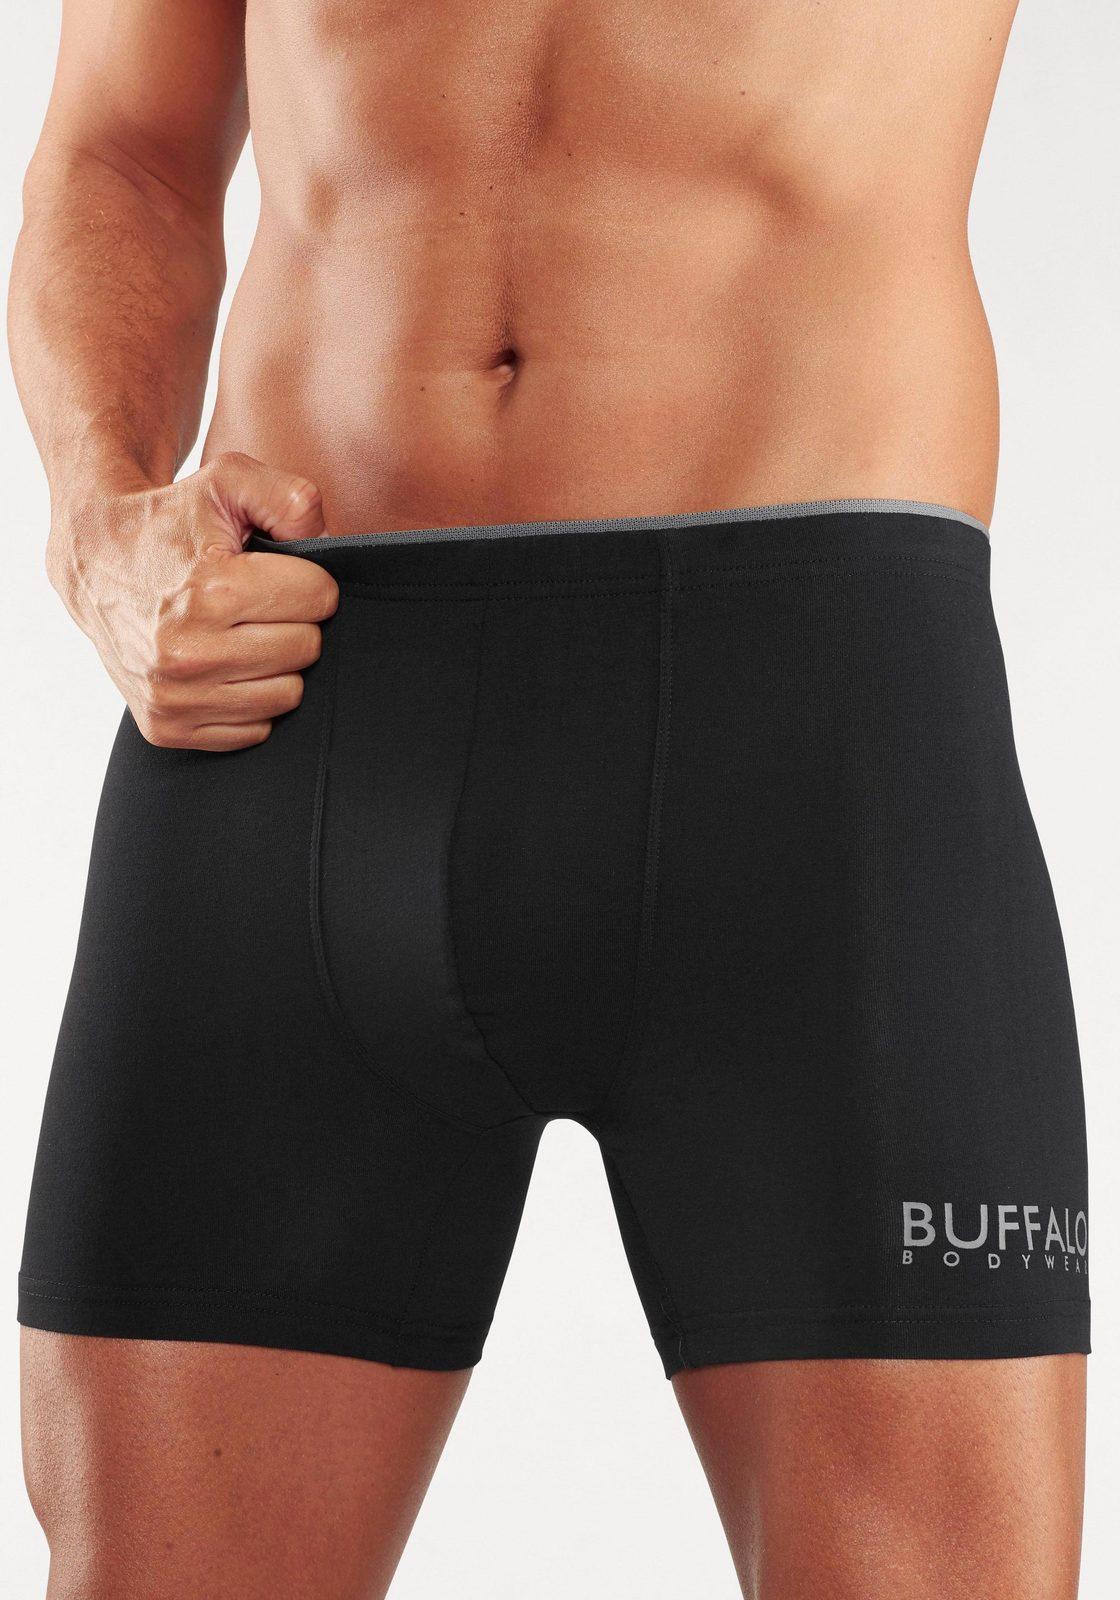 Buffalo Langer Boxer (3 Stück) - broschei